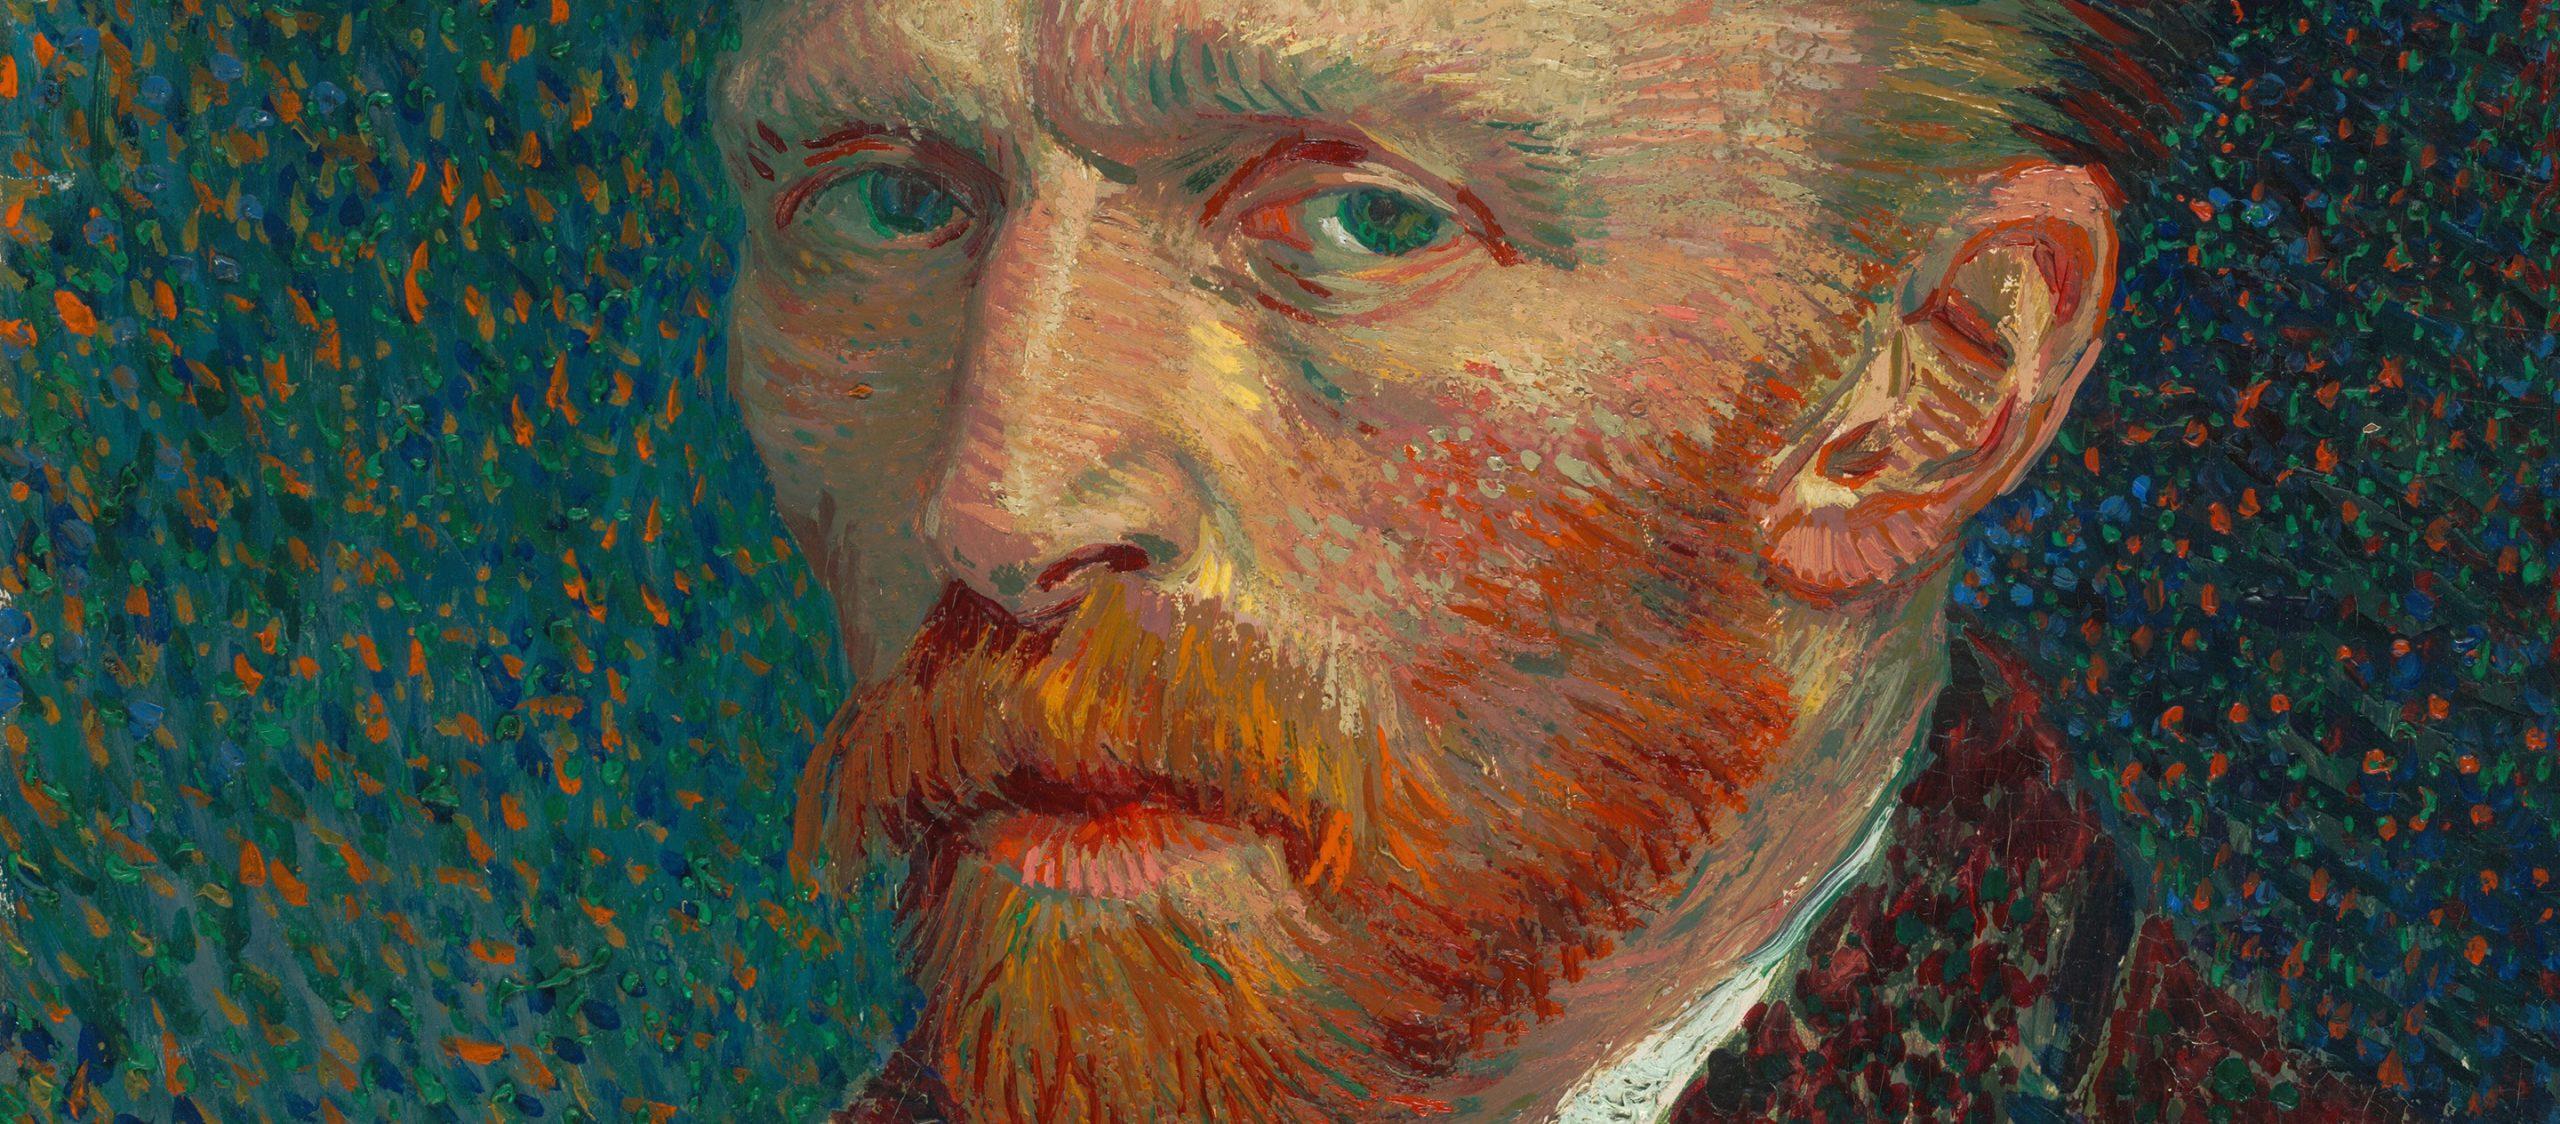 Van Gogh. Life and Art เรื่องเล่าชีวิตปวดร้าวในงานศิลปะสีสดใสของวินเซนต์ แวน โกะห์